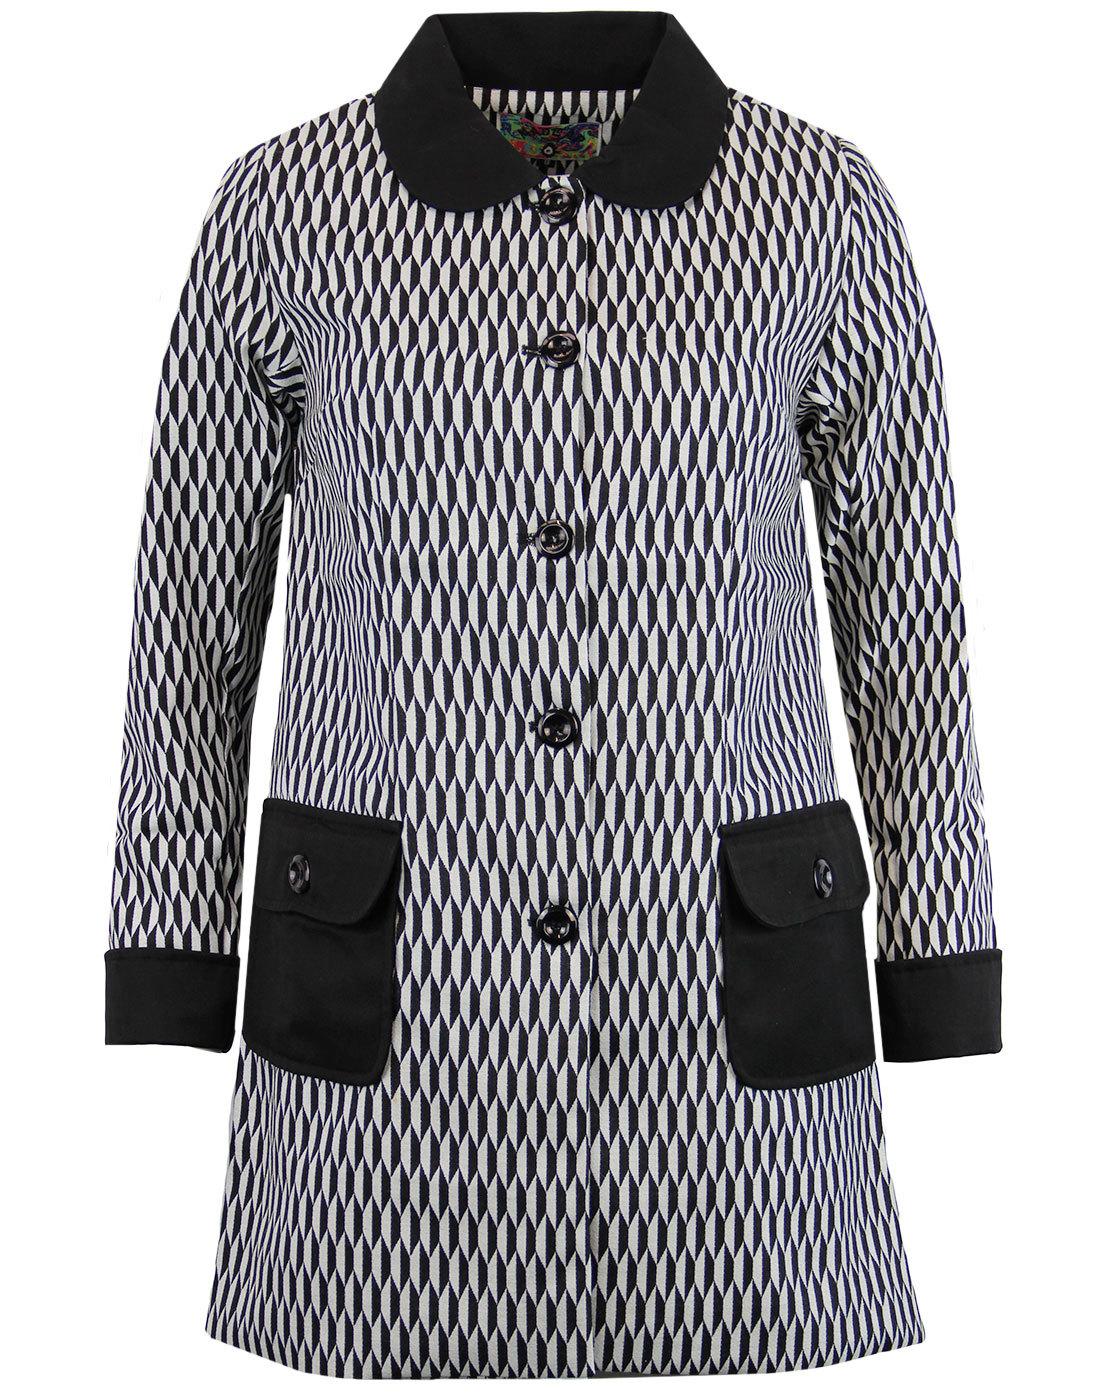 Karina MADCAP ENGLAND 60s Mod Op Art A-Line Coat